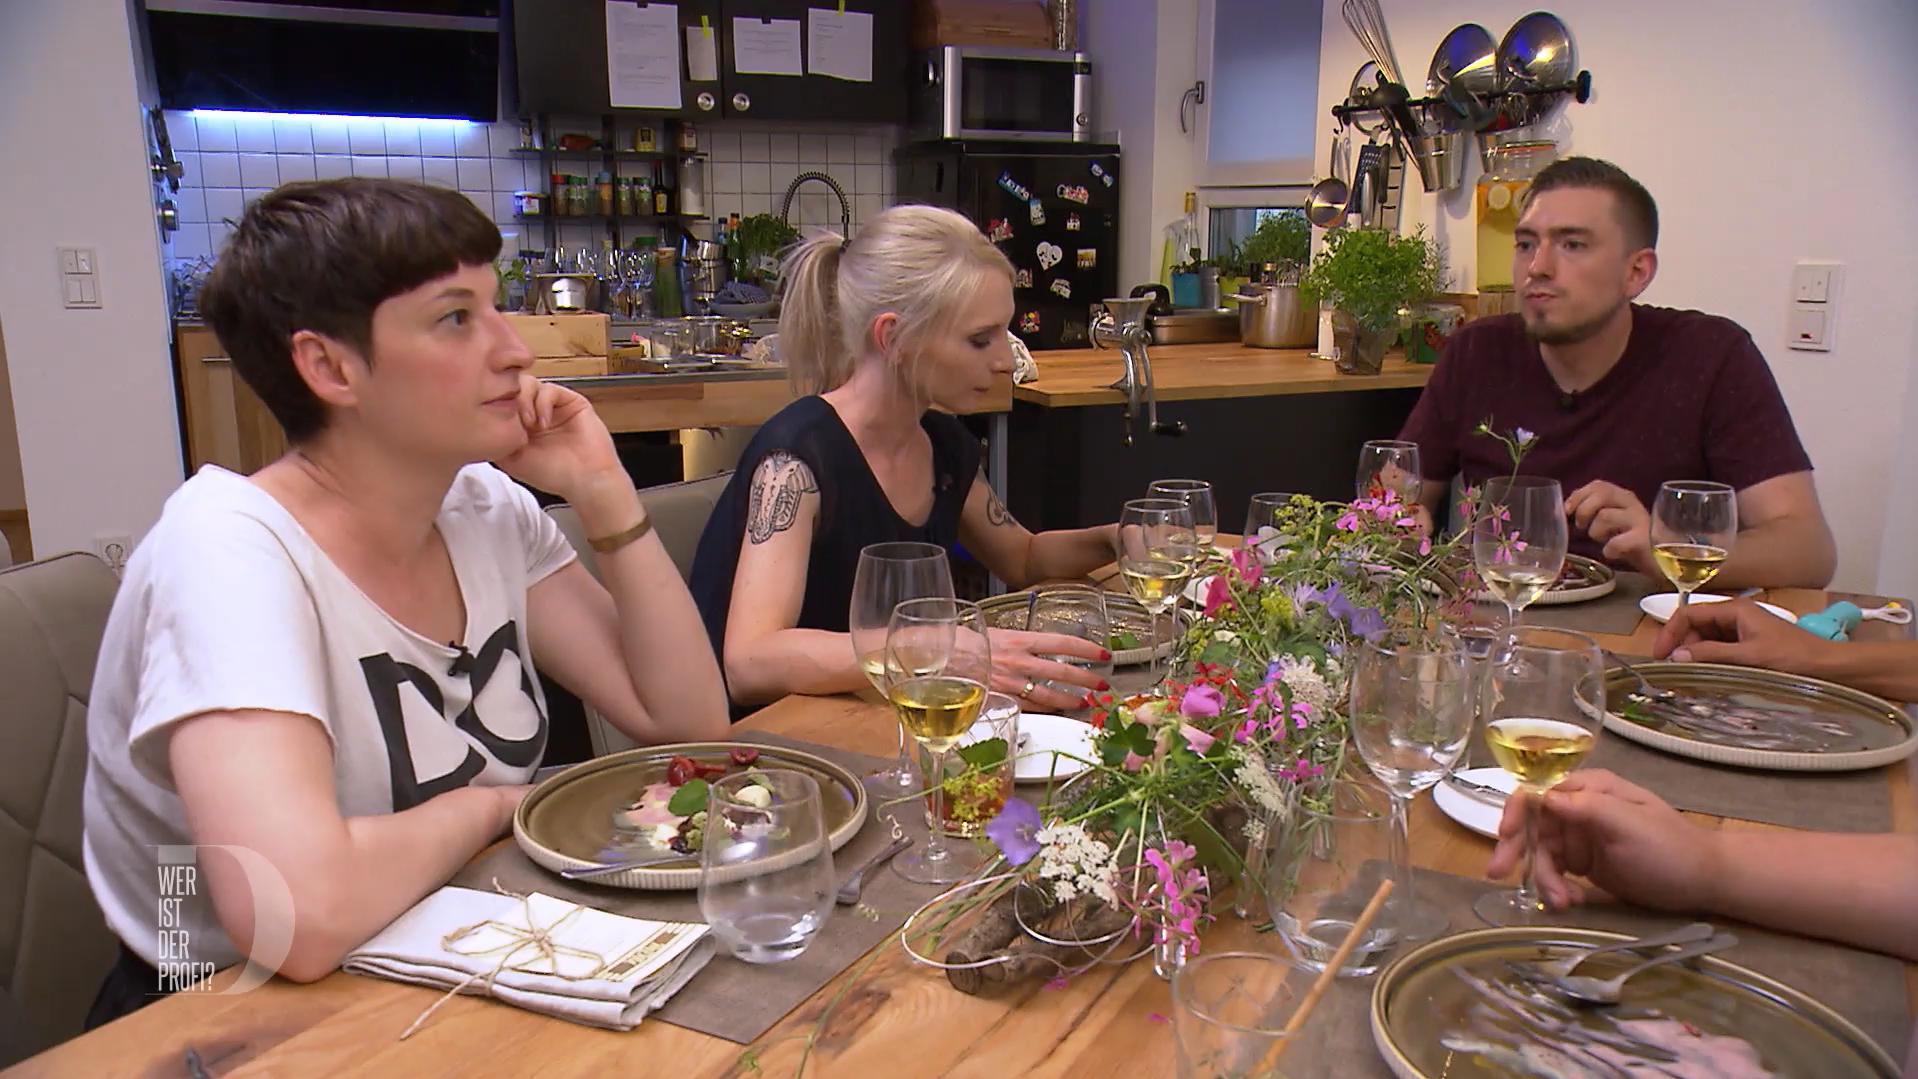 Das Perfekte Dinner Wer War Der Profi